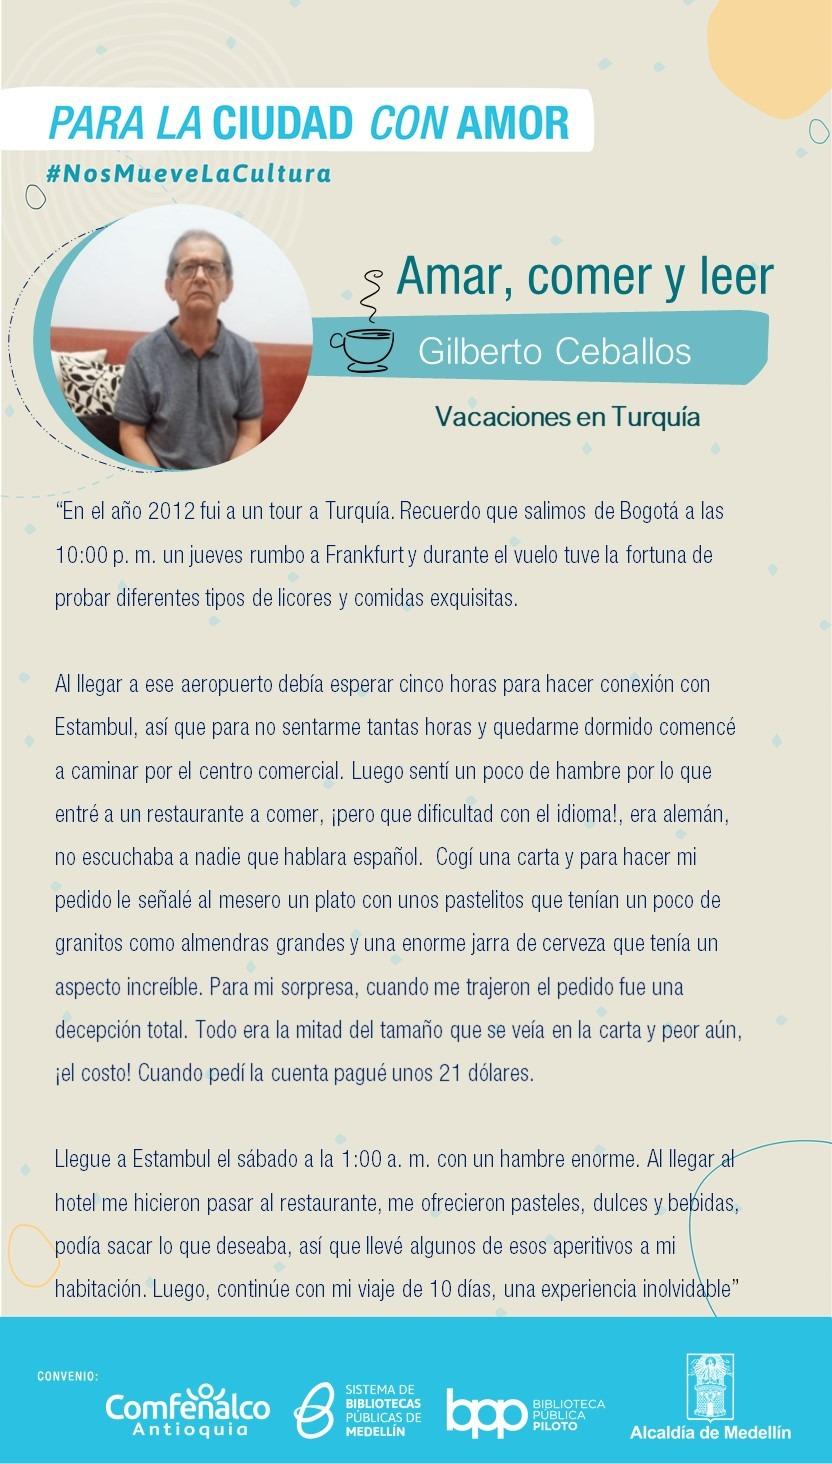 Amar, comer y leer - Gilberto Ceballos